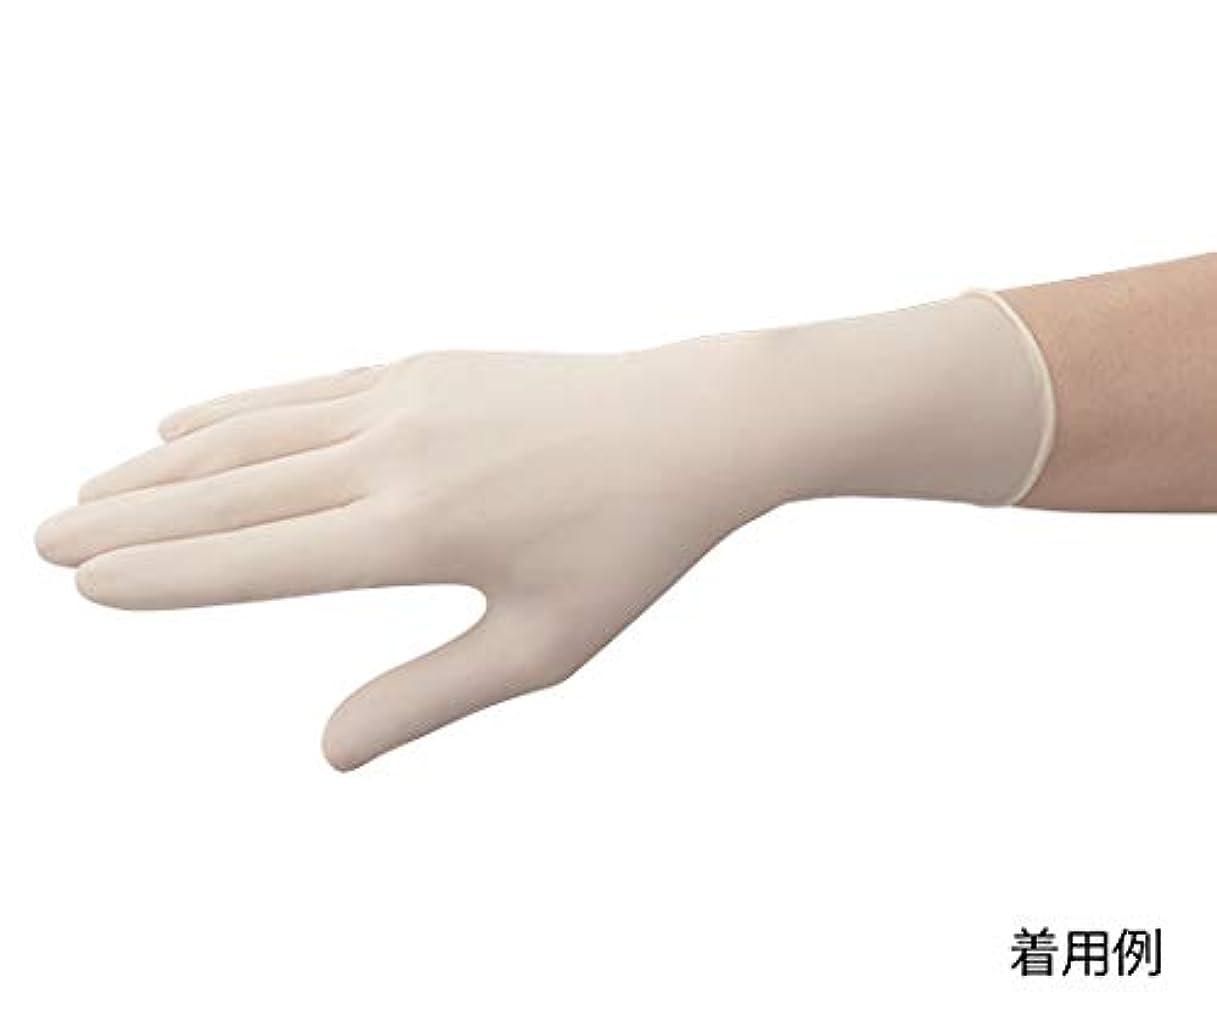 シリーズ中傷脅威東レ?メディカル 手術用手袋メディグリップ パウダーフリー50双 8155MG